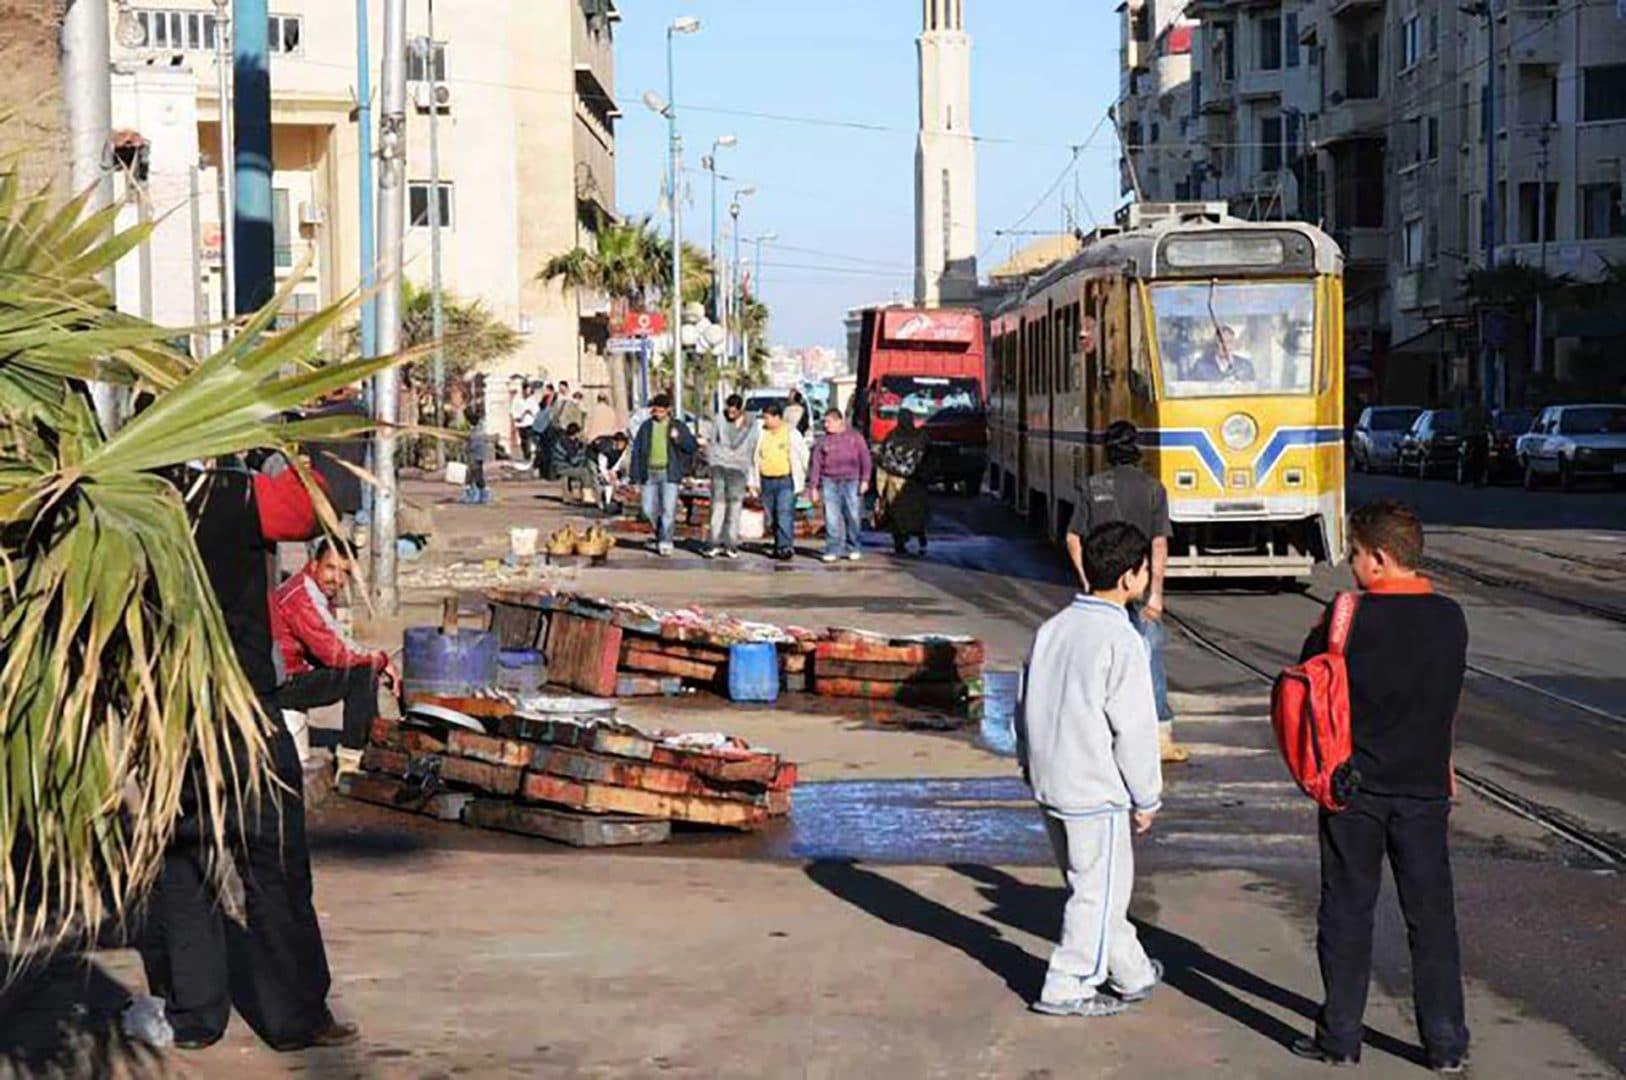 Voyage authentique en Egypte I Maria & Chrys Mars 2009